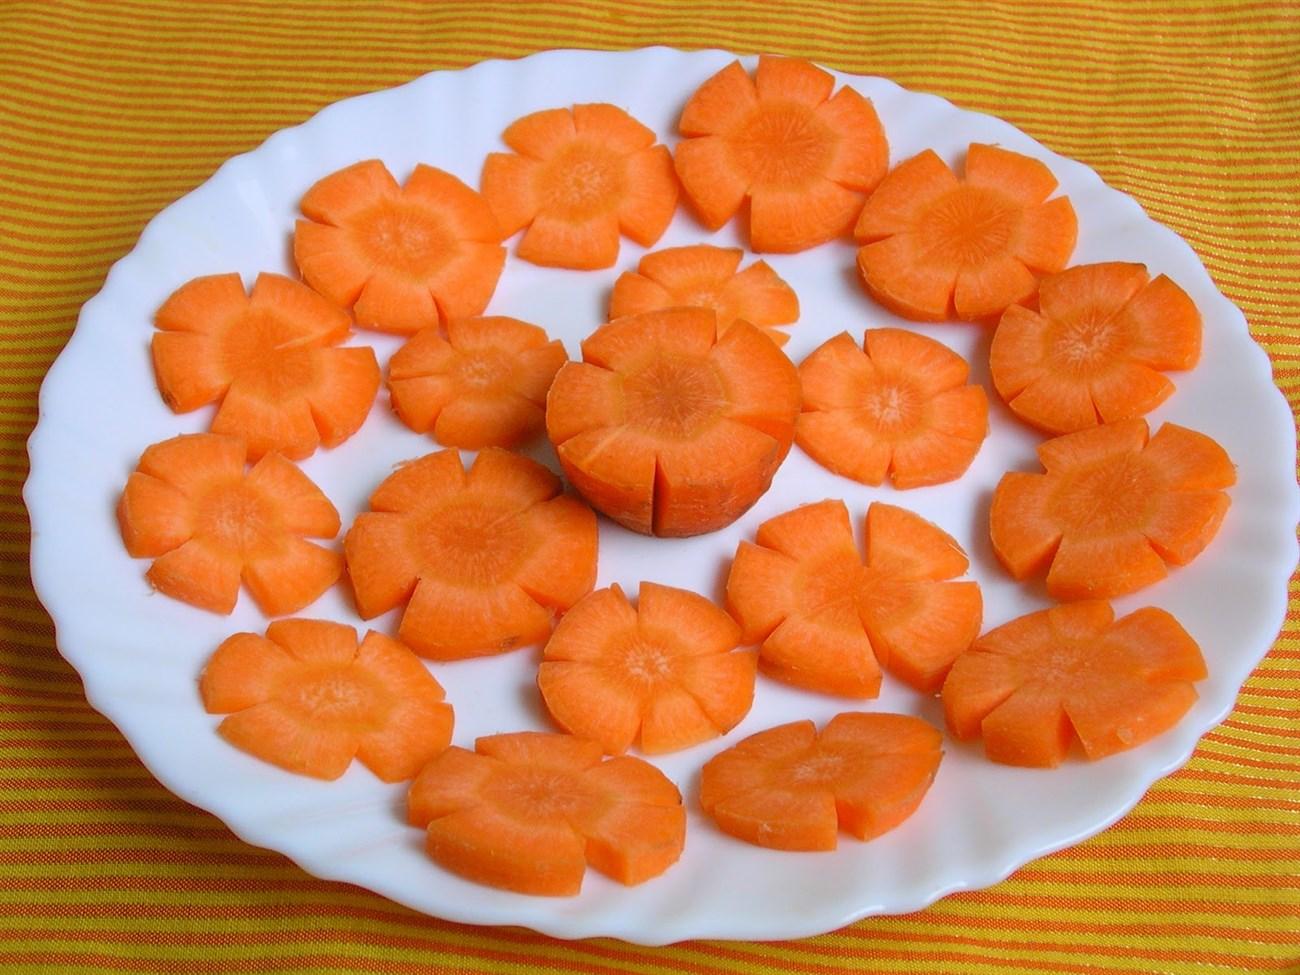 mì xào bò rau cải 3